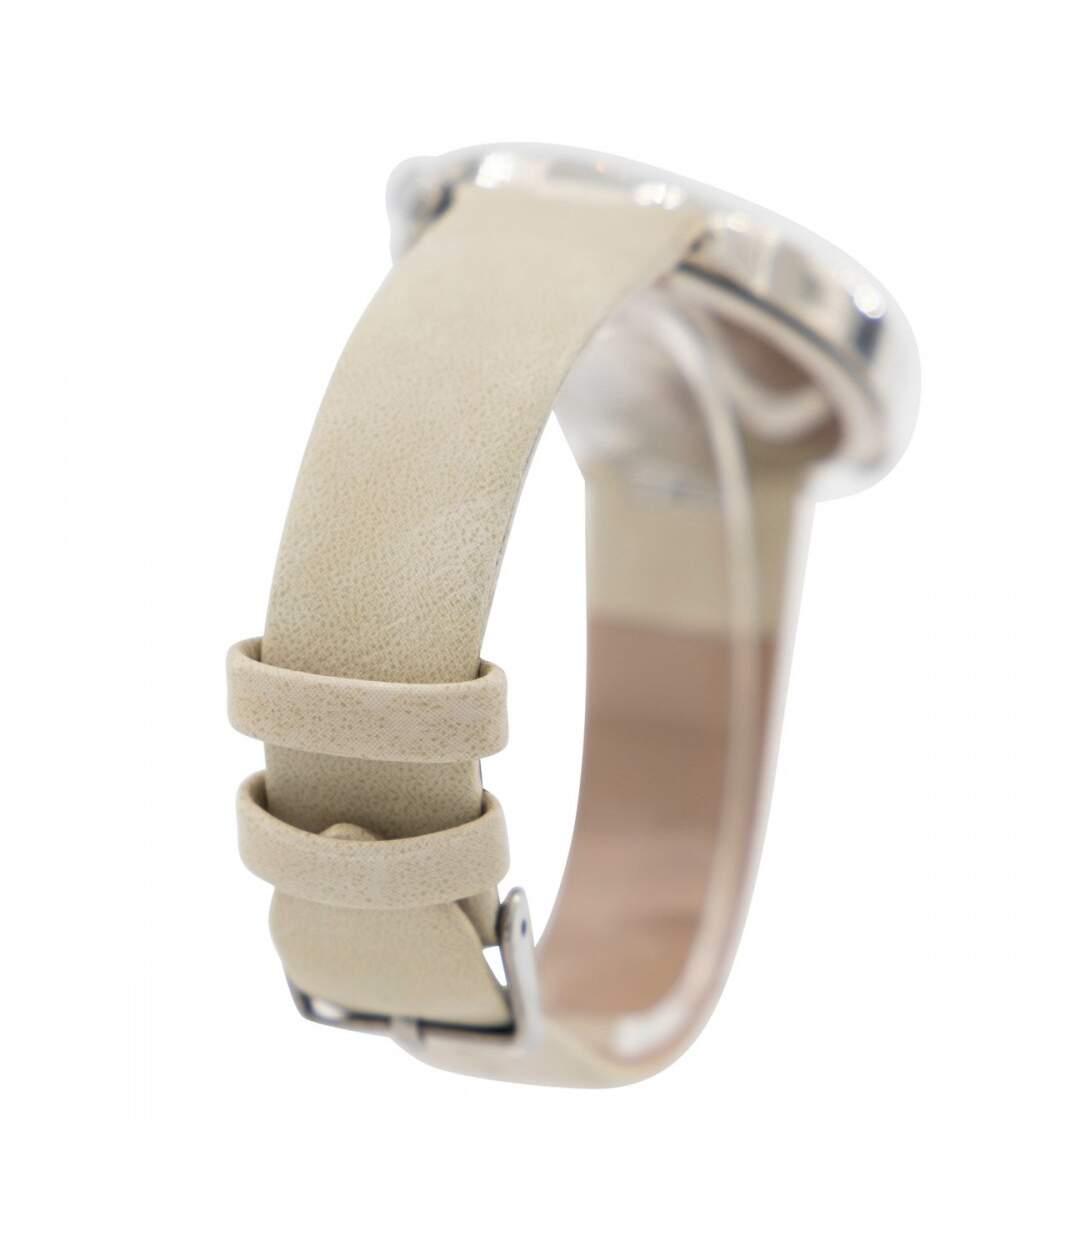 Dégagement Montre Femme M. JOHN bracelet Cuir Blanc dsf.d455nksdKLFHG